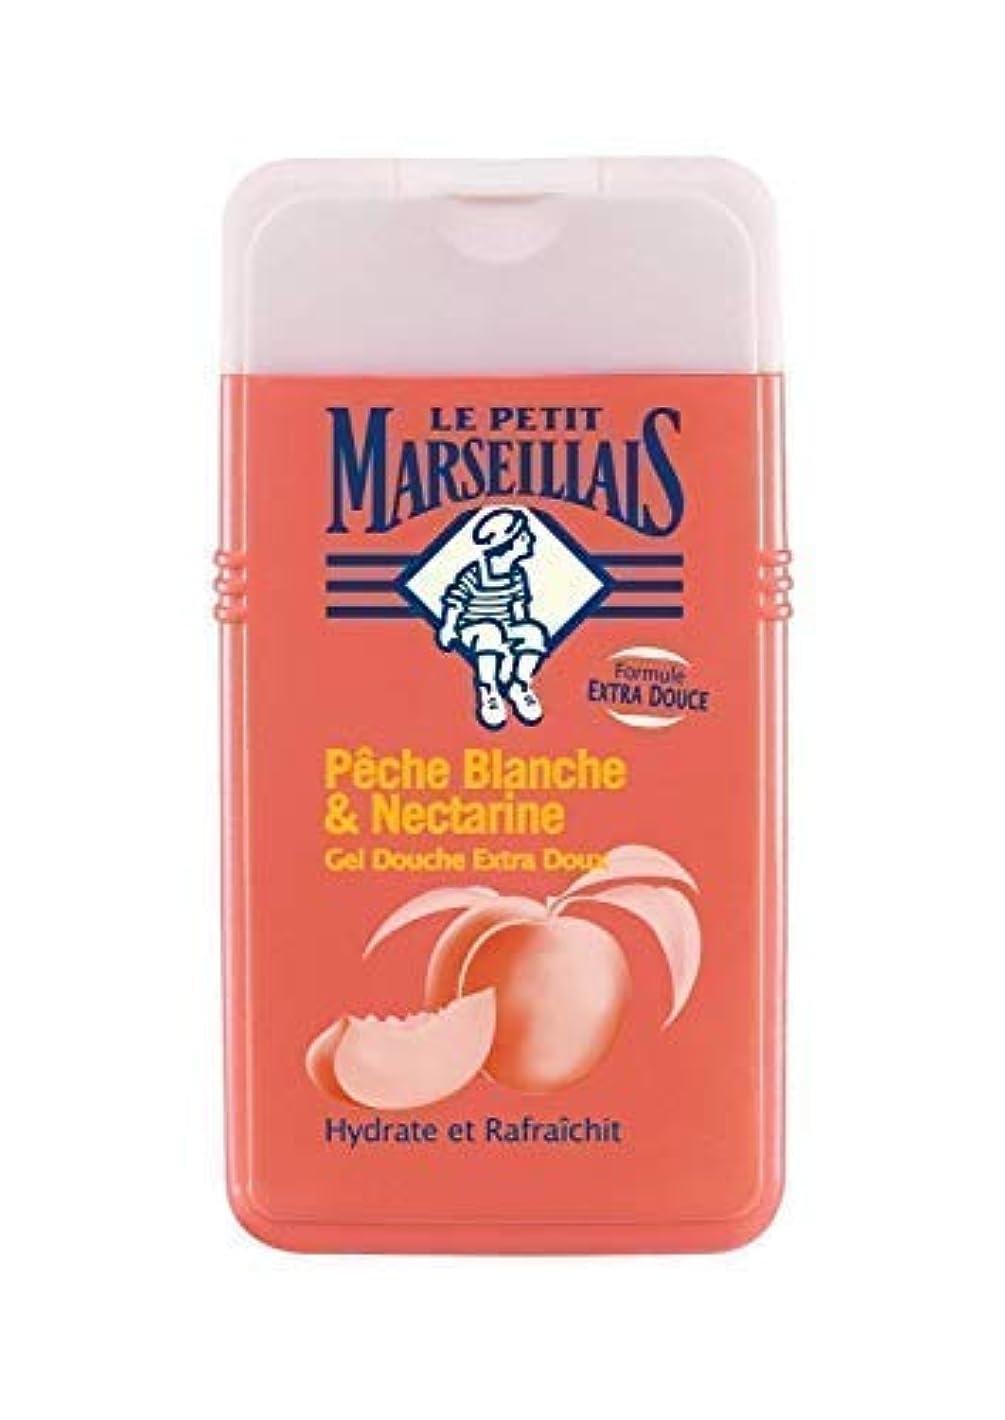 ブランド名経験的衝撃「ホワイトピーチ」と「??ネクタリン」シャワージェル ???? フランスの「ル?プティ?マルセイユ(Le Petit Marseillais)」 250 ml ボディソープ